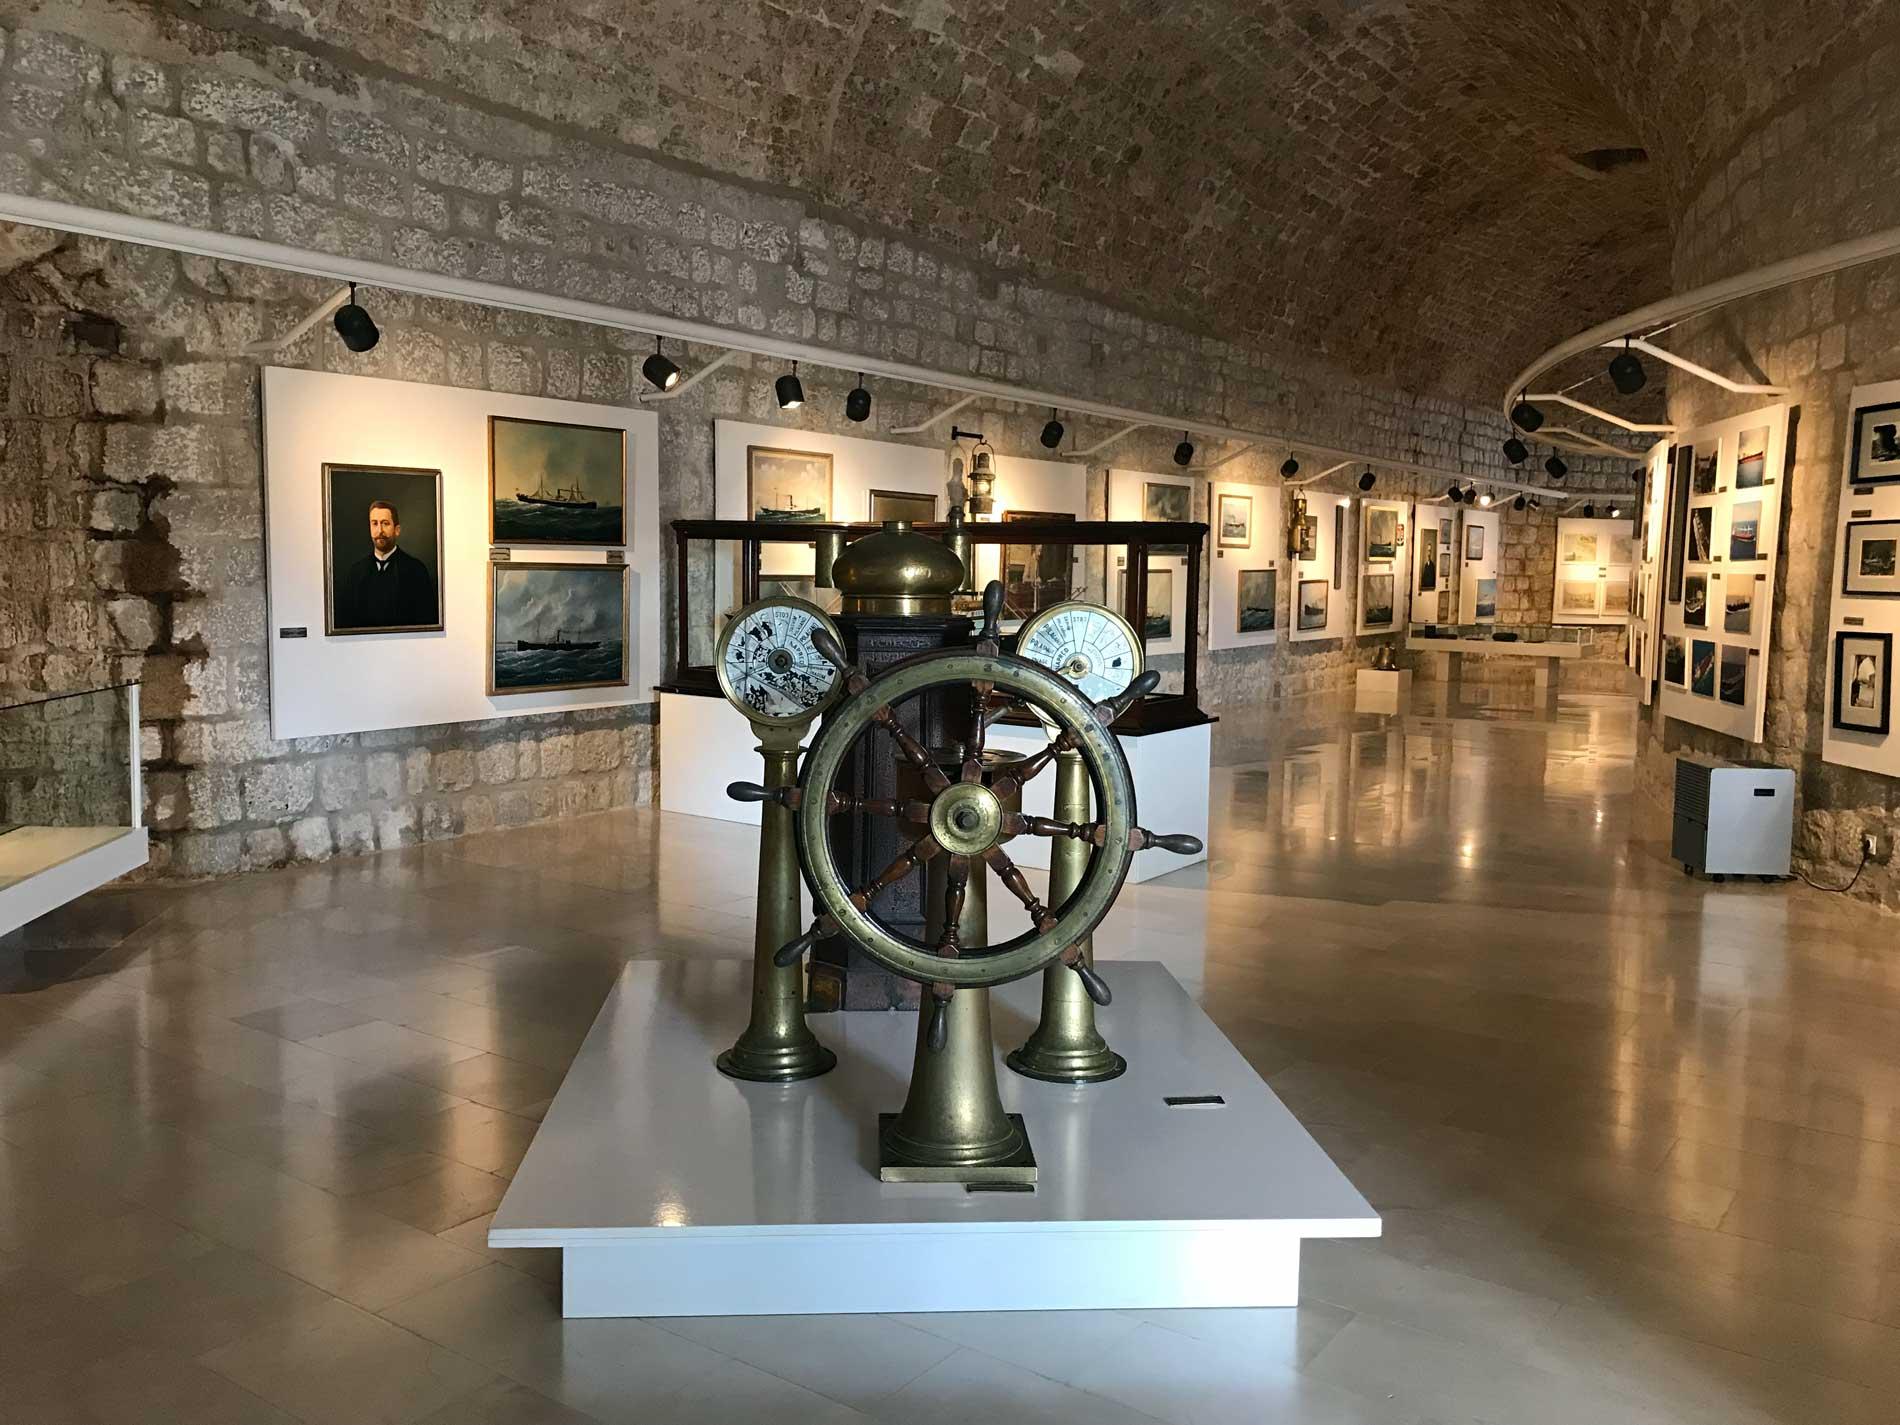 Dubrovnik-Croazia-Museo-del-mare-timone-quadri